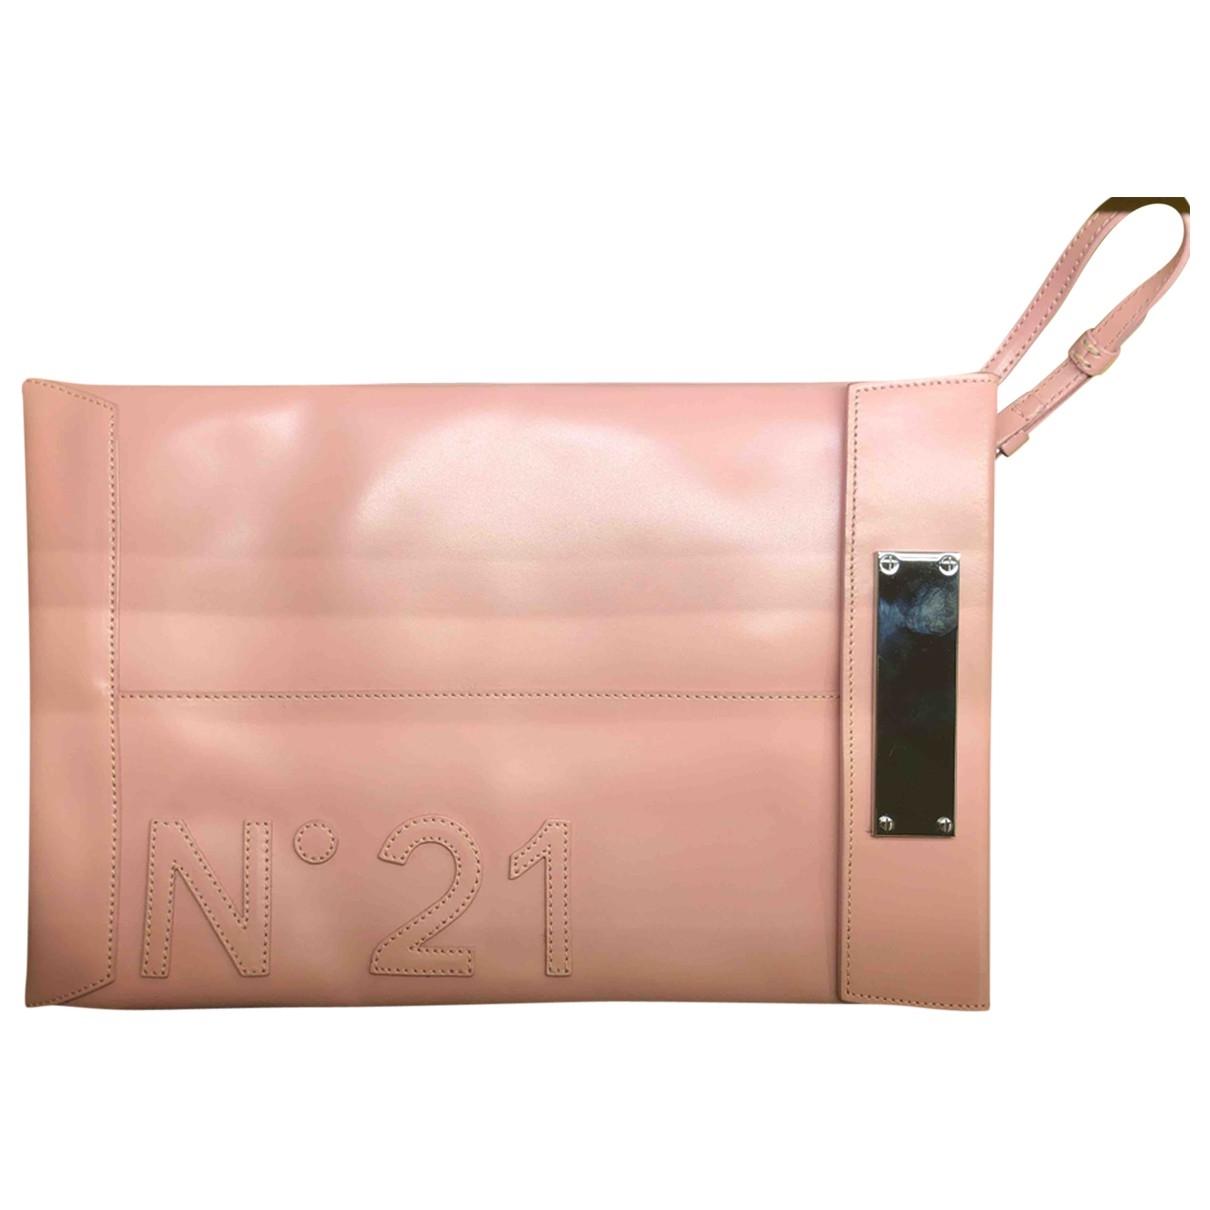 N°21 \N Pink Leather handbag for Women \N